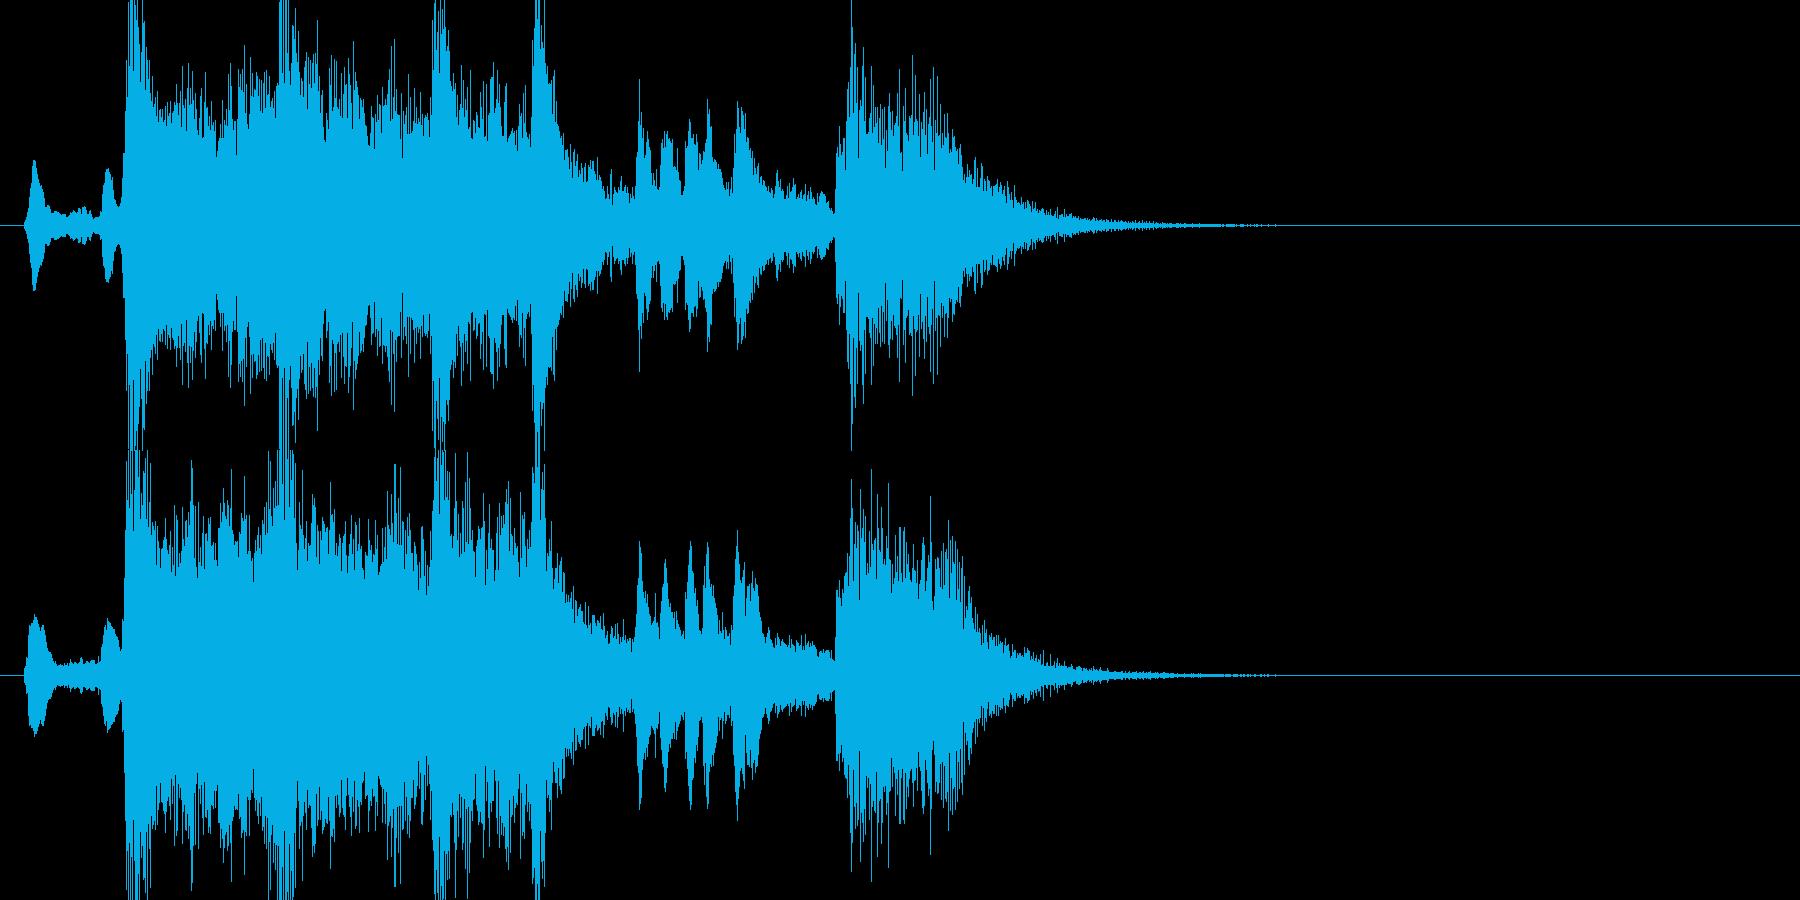 「発表!!」期待が高まるファンファーレの再生済みの波形